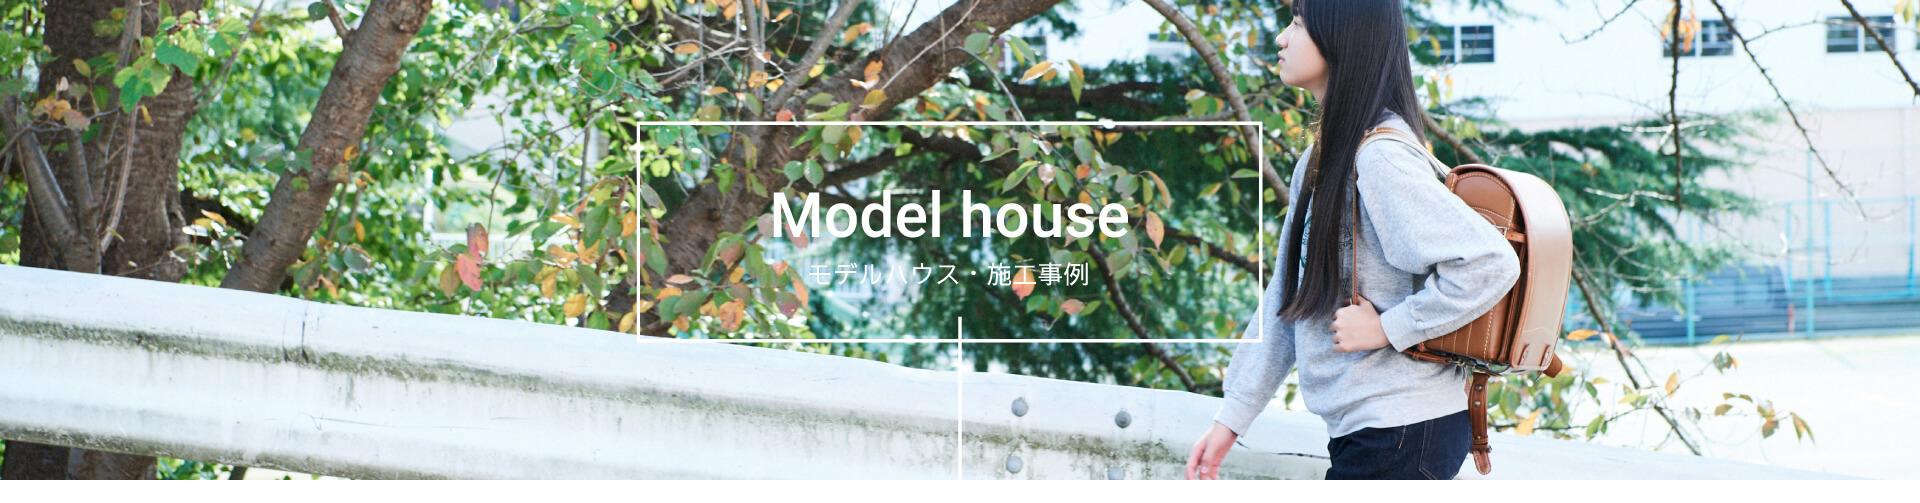 Modelhouse